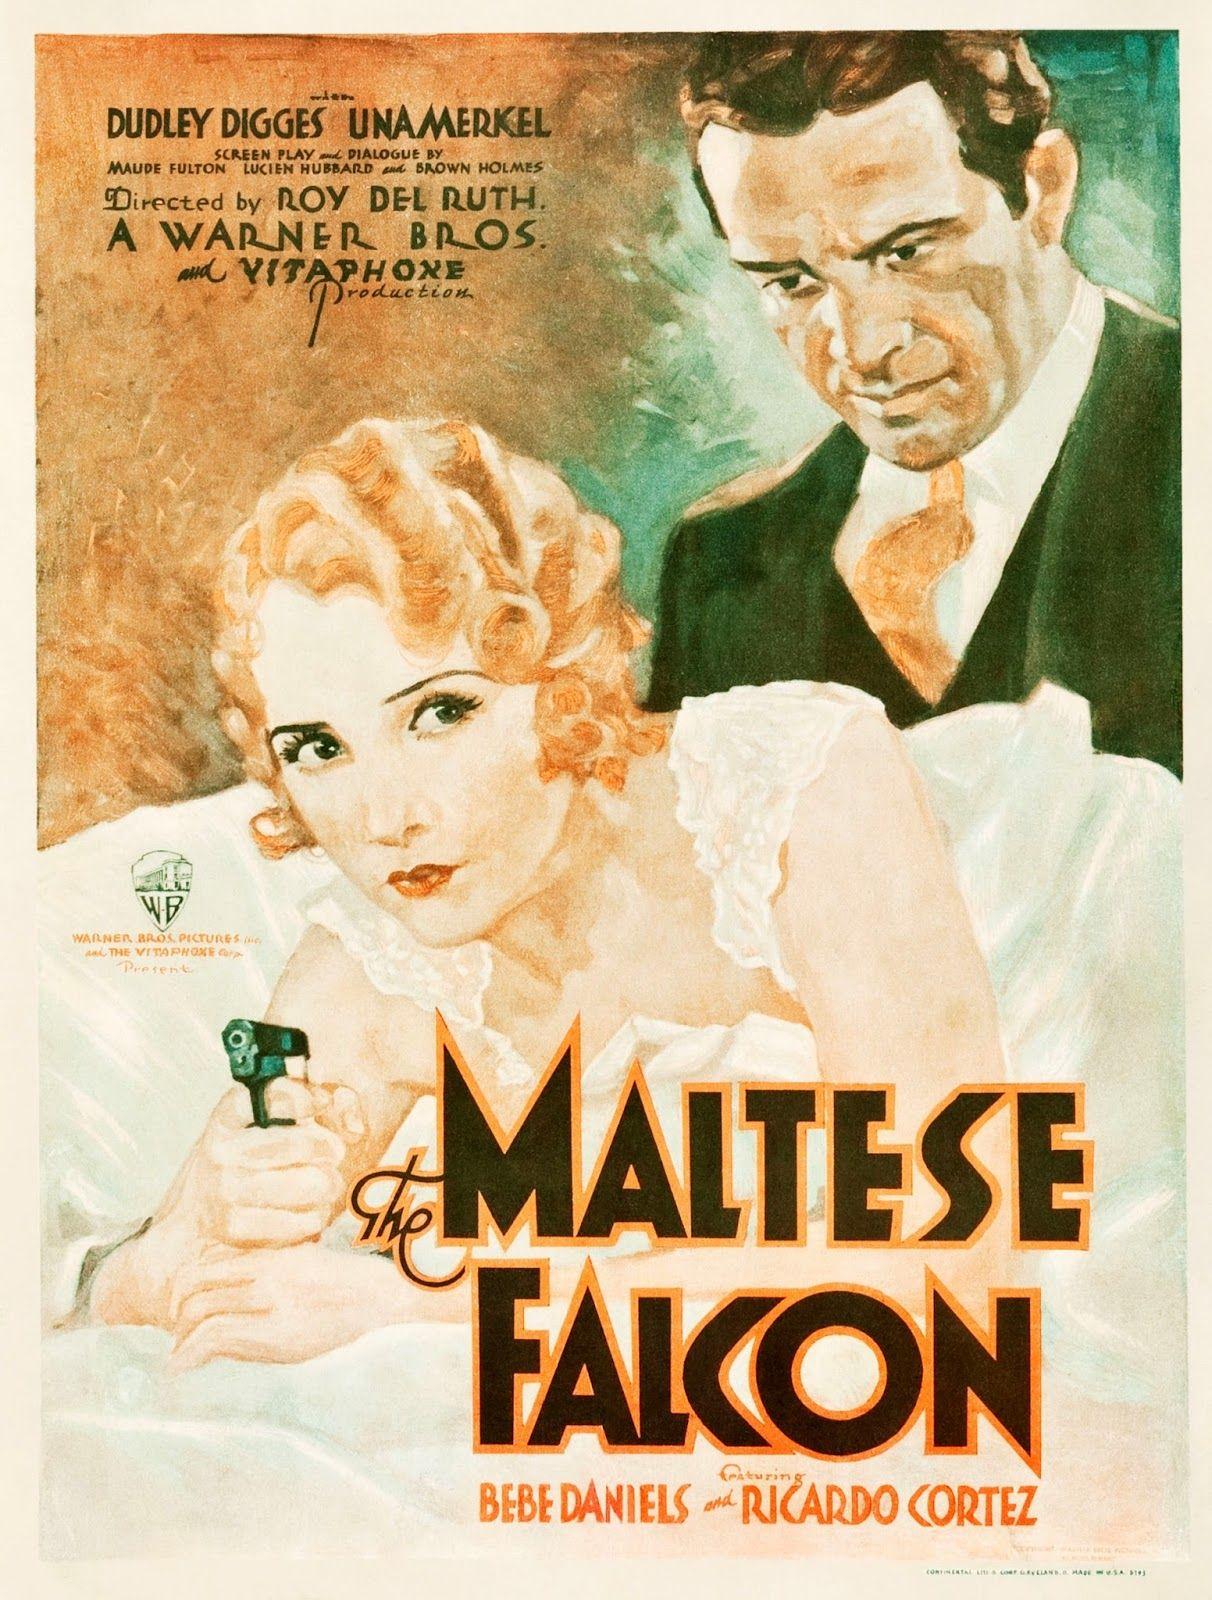 The Maltese Falcon 1931 Maltese Falcon Movie Classic Film Noir Bebe Daniels